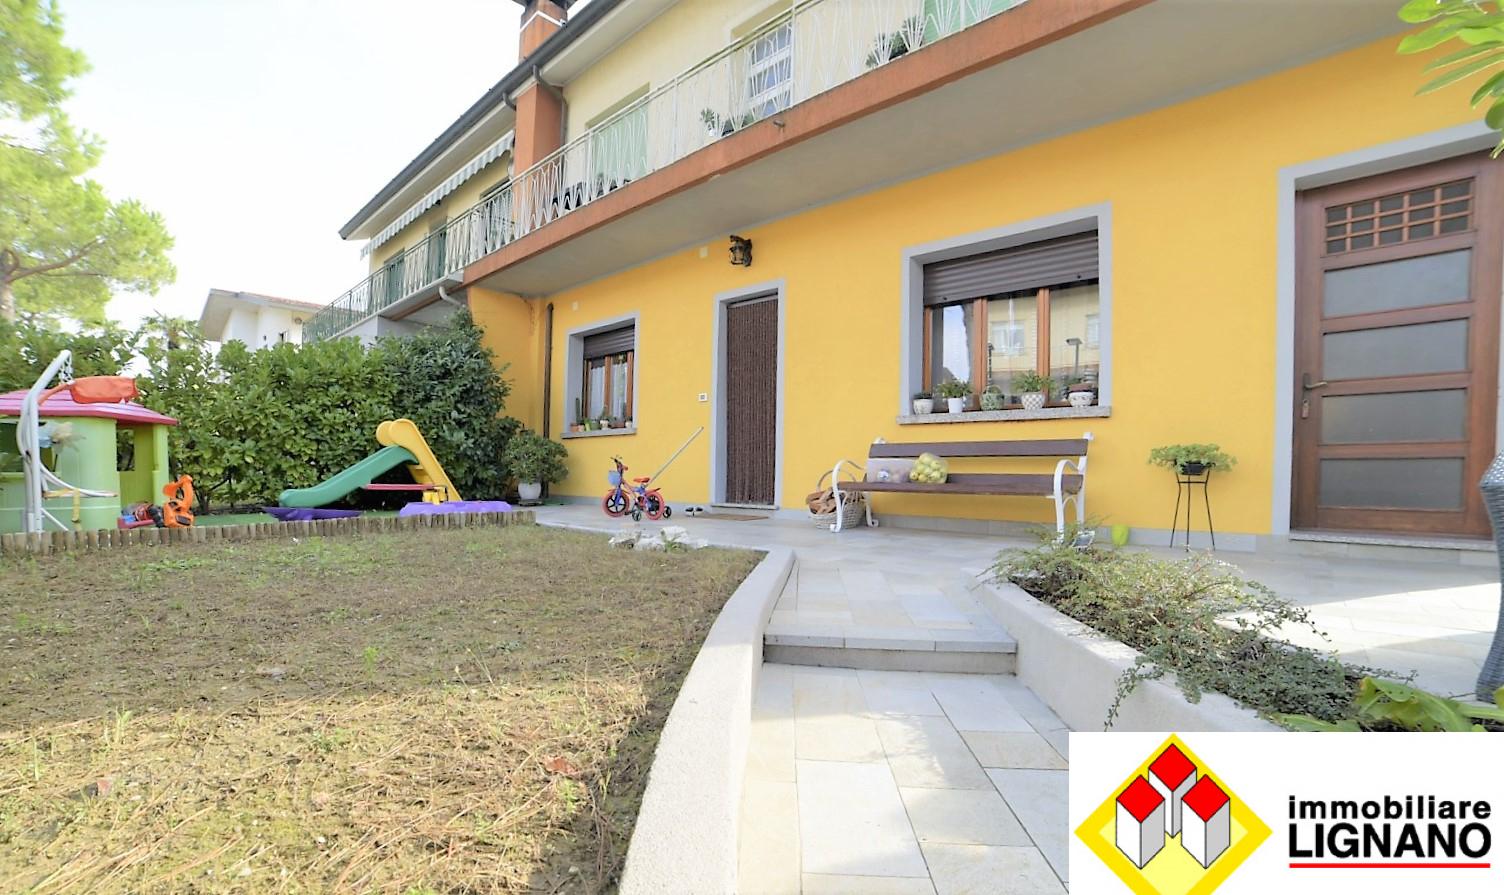 Foto - Appartamento In Vendita Lignano Sabbiadoro (ud)